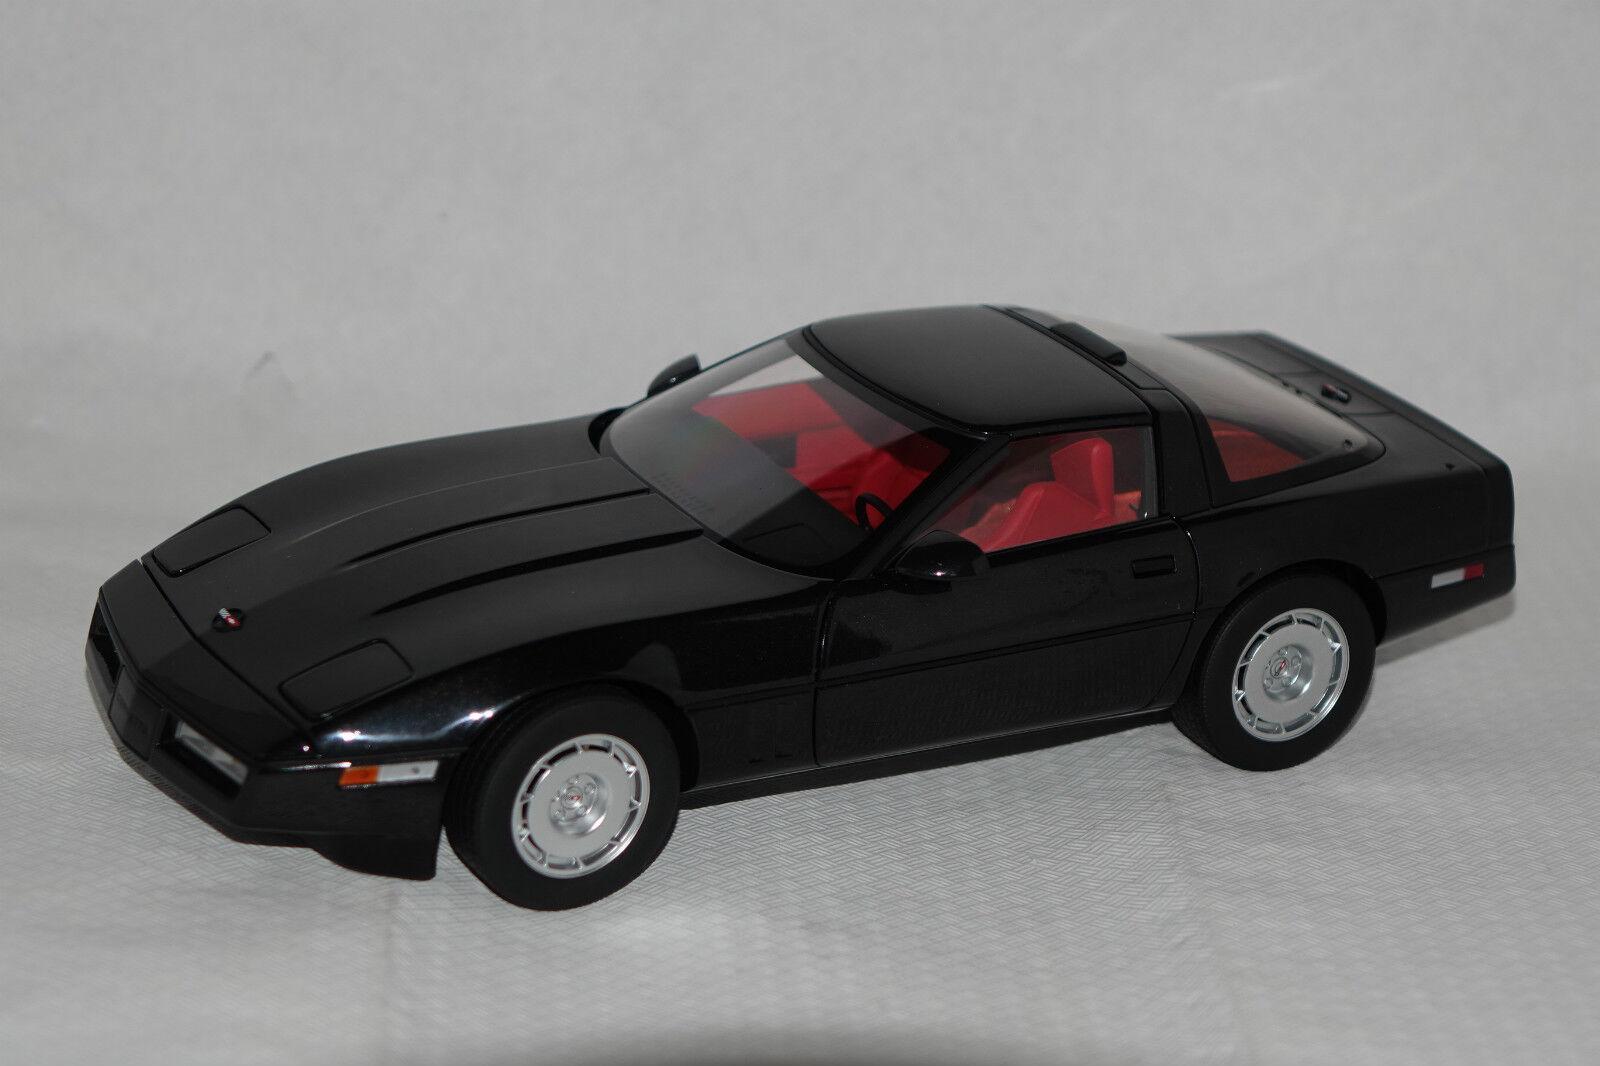 CHEVROLET CORVETTE c4 1986 Noir 1 18 AUTOart NEUF & ovp71242